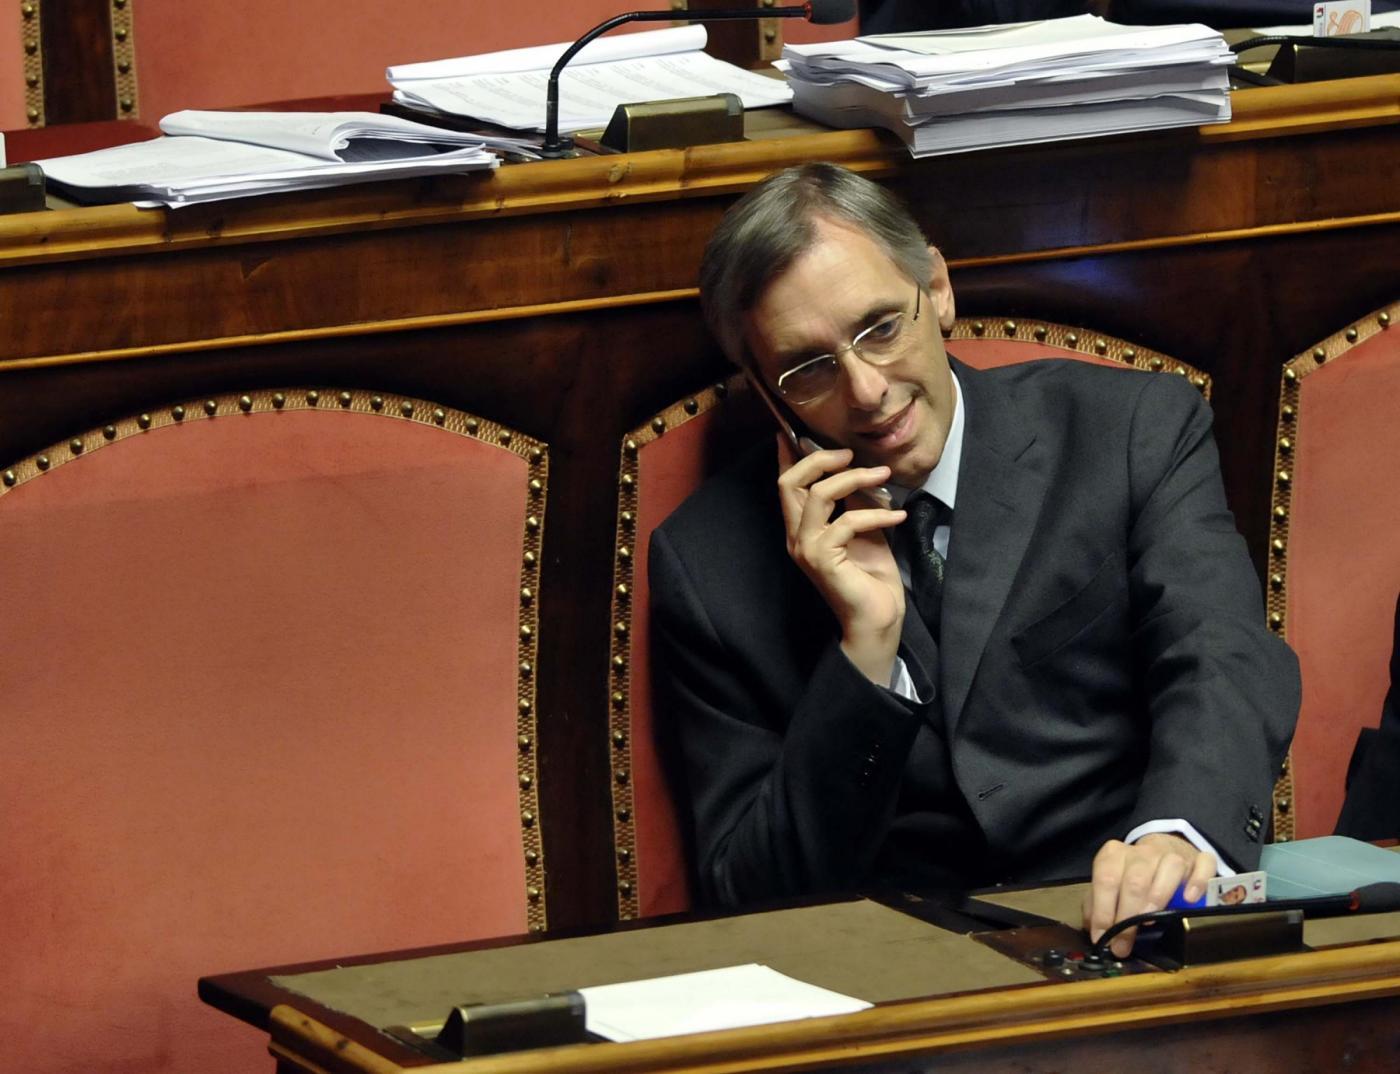 Senato discussione e voto sugli emendamenti alle riforme costituzionali